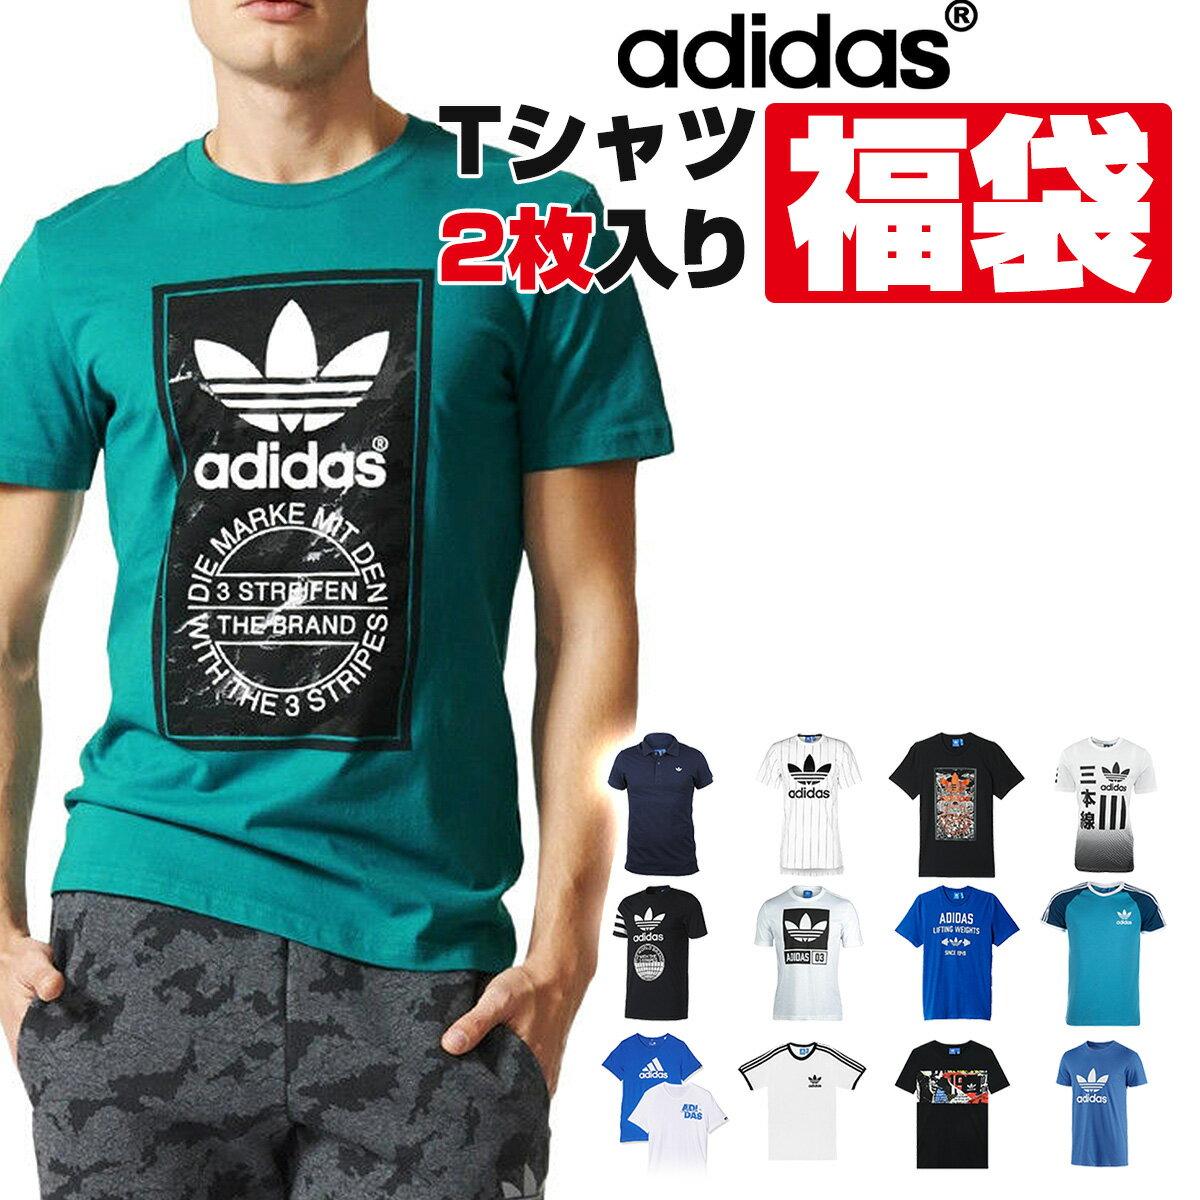 トップス, Tシャツ・カットソー  T2 T T